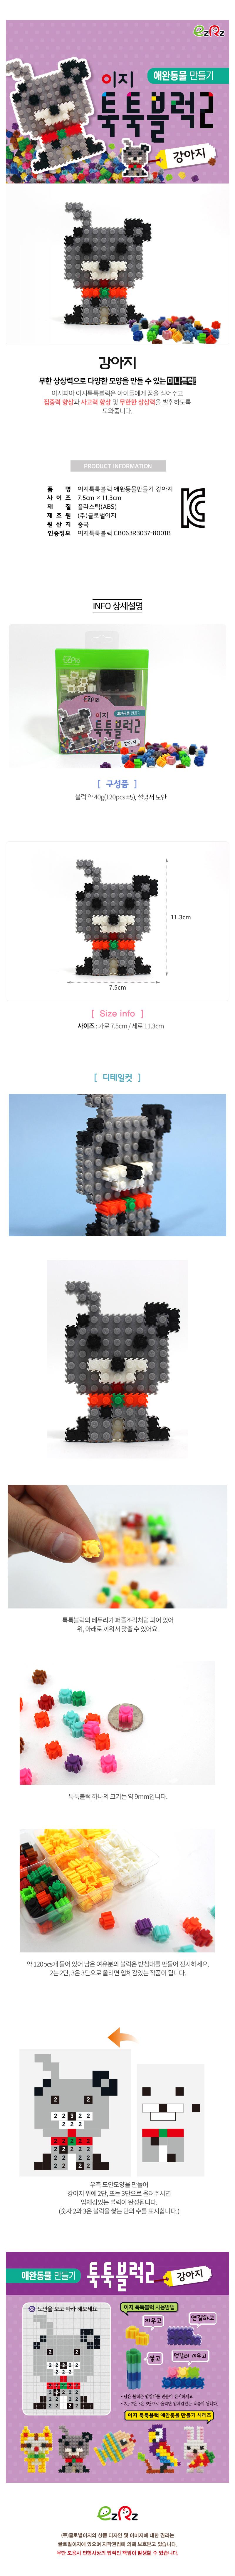 이지 툭툭블럭만들기 (강아지)1,770원-이지피아키덜트/취미, 블록/퍼즐, 레고/블록, 블록완구바보사랑이지 툭툭블럭만들기 (강아지)1,770원-이지피아키덜트/취미, 블록/퍼즐, 레고/블록, 블록완구바보사랑